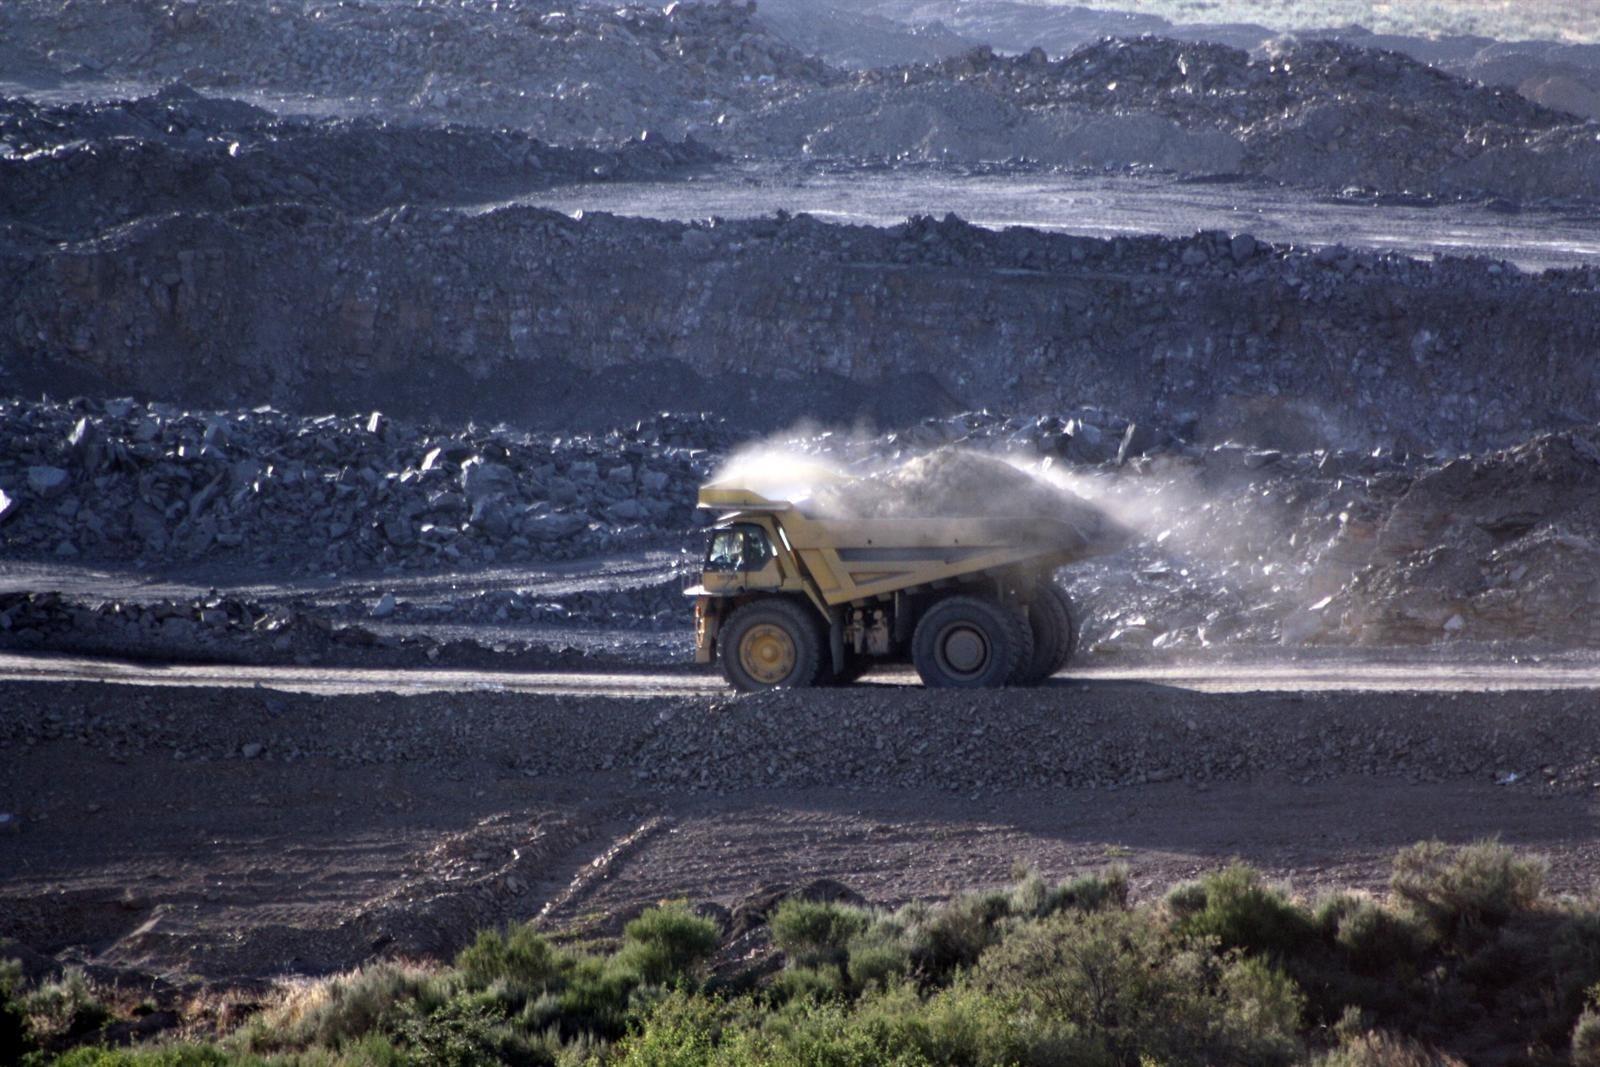 Villanueva cree que el plan del carbón da certidumbre al sector y valora la aportación del 7,5% al »mix energético»